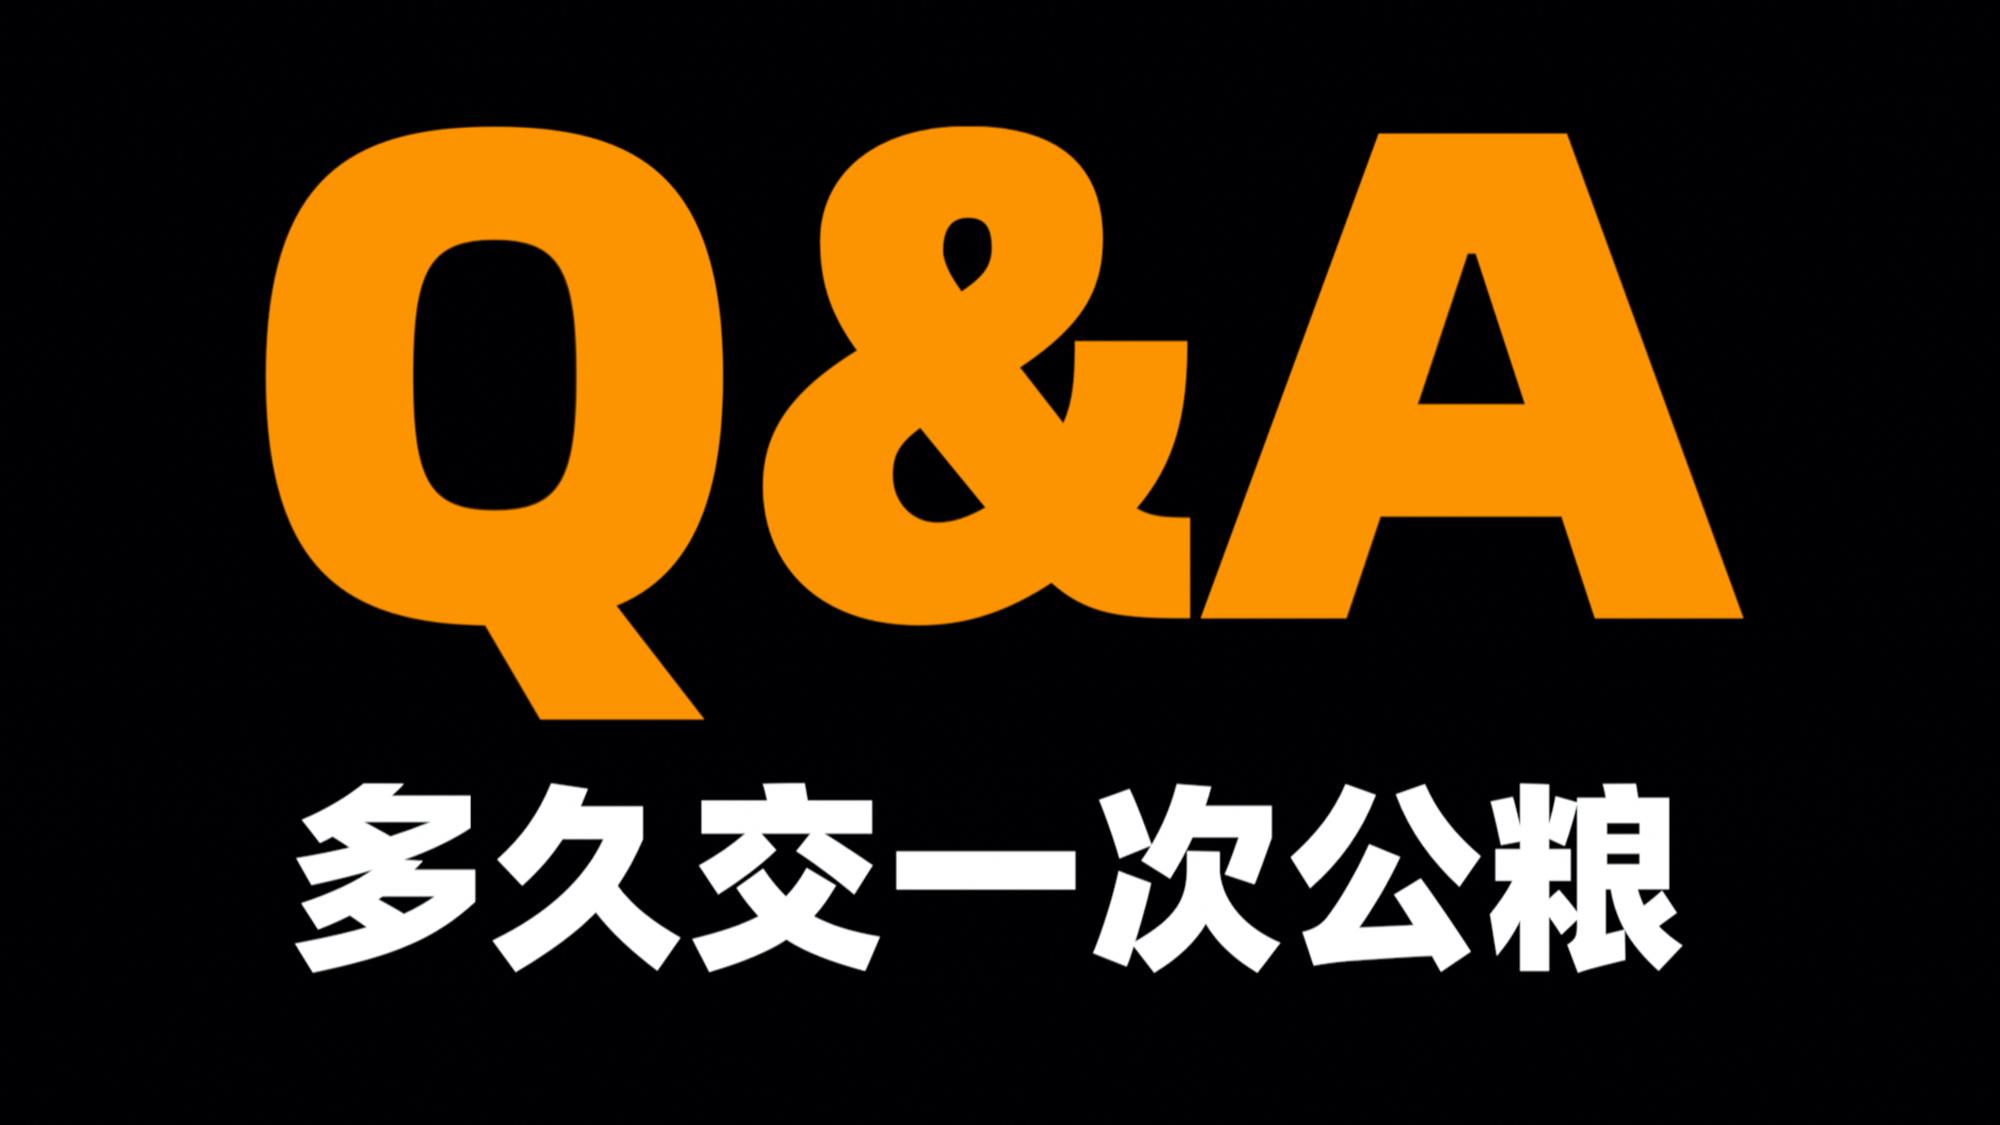 粉丝提问年度Q&A,竟问我多久交一次公粮